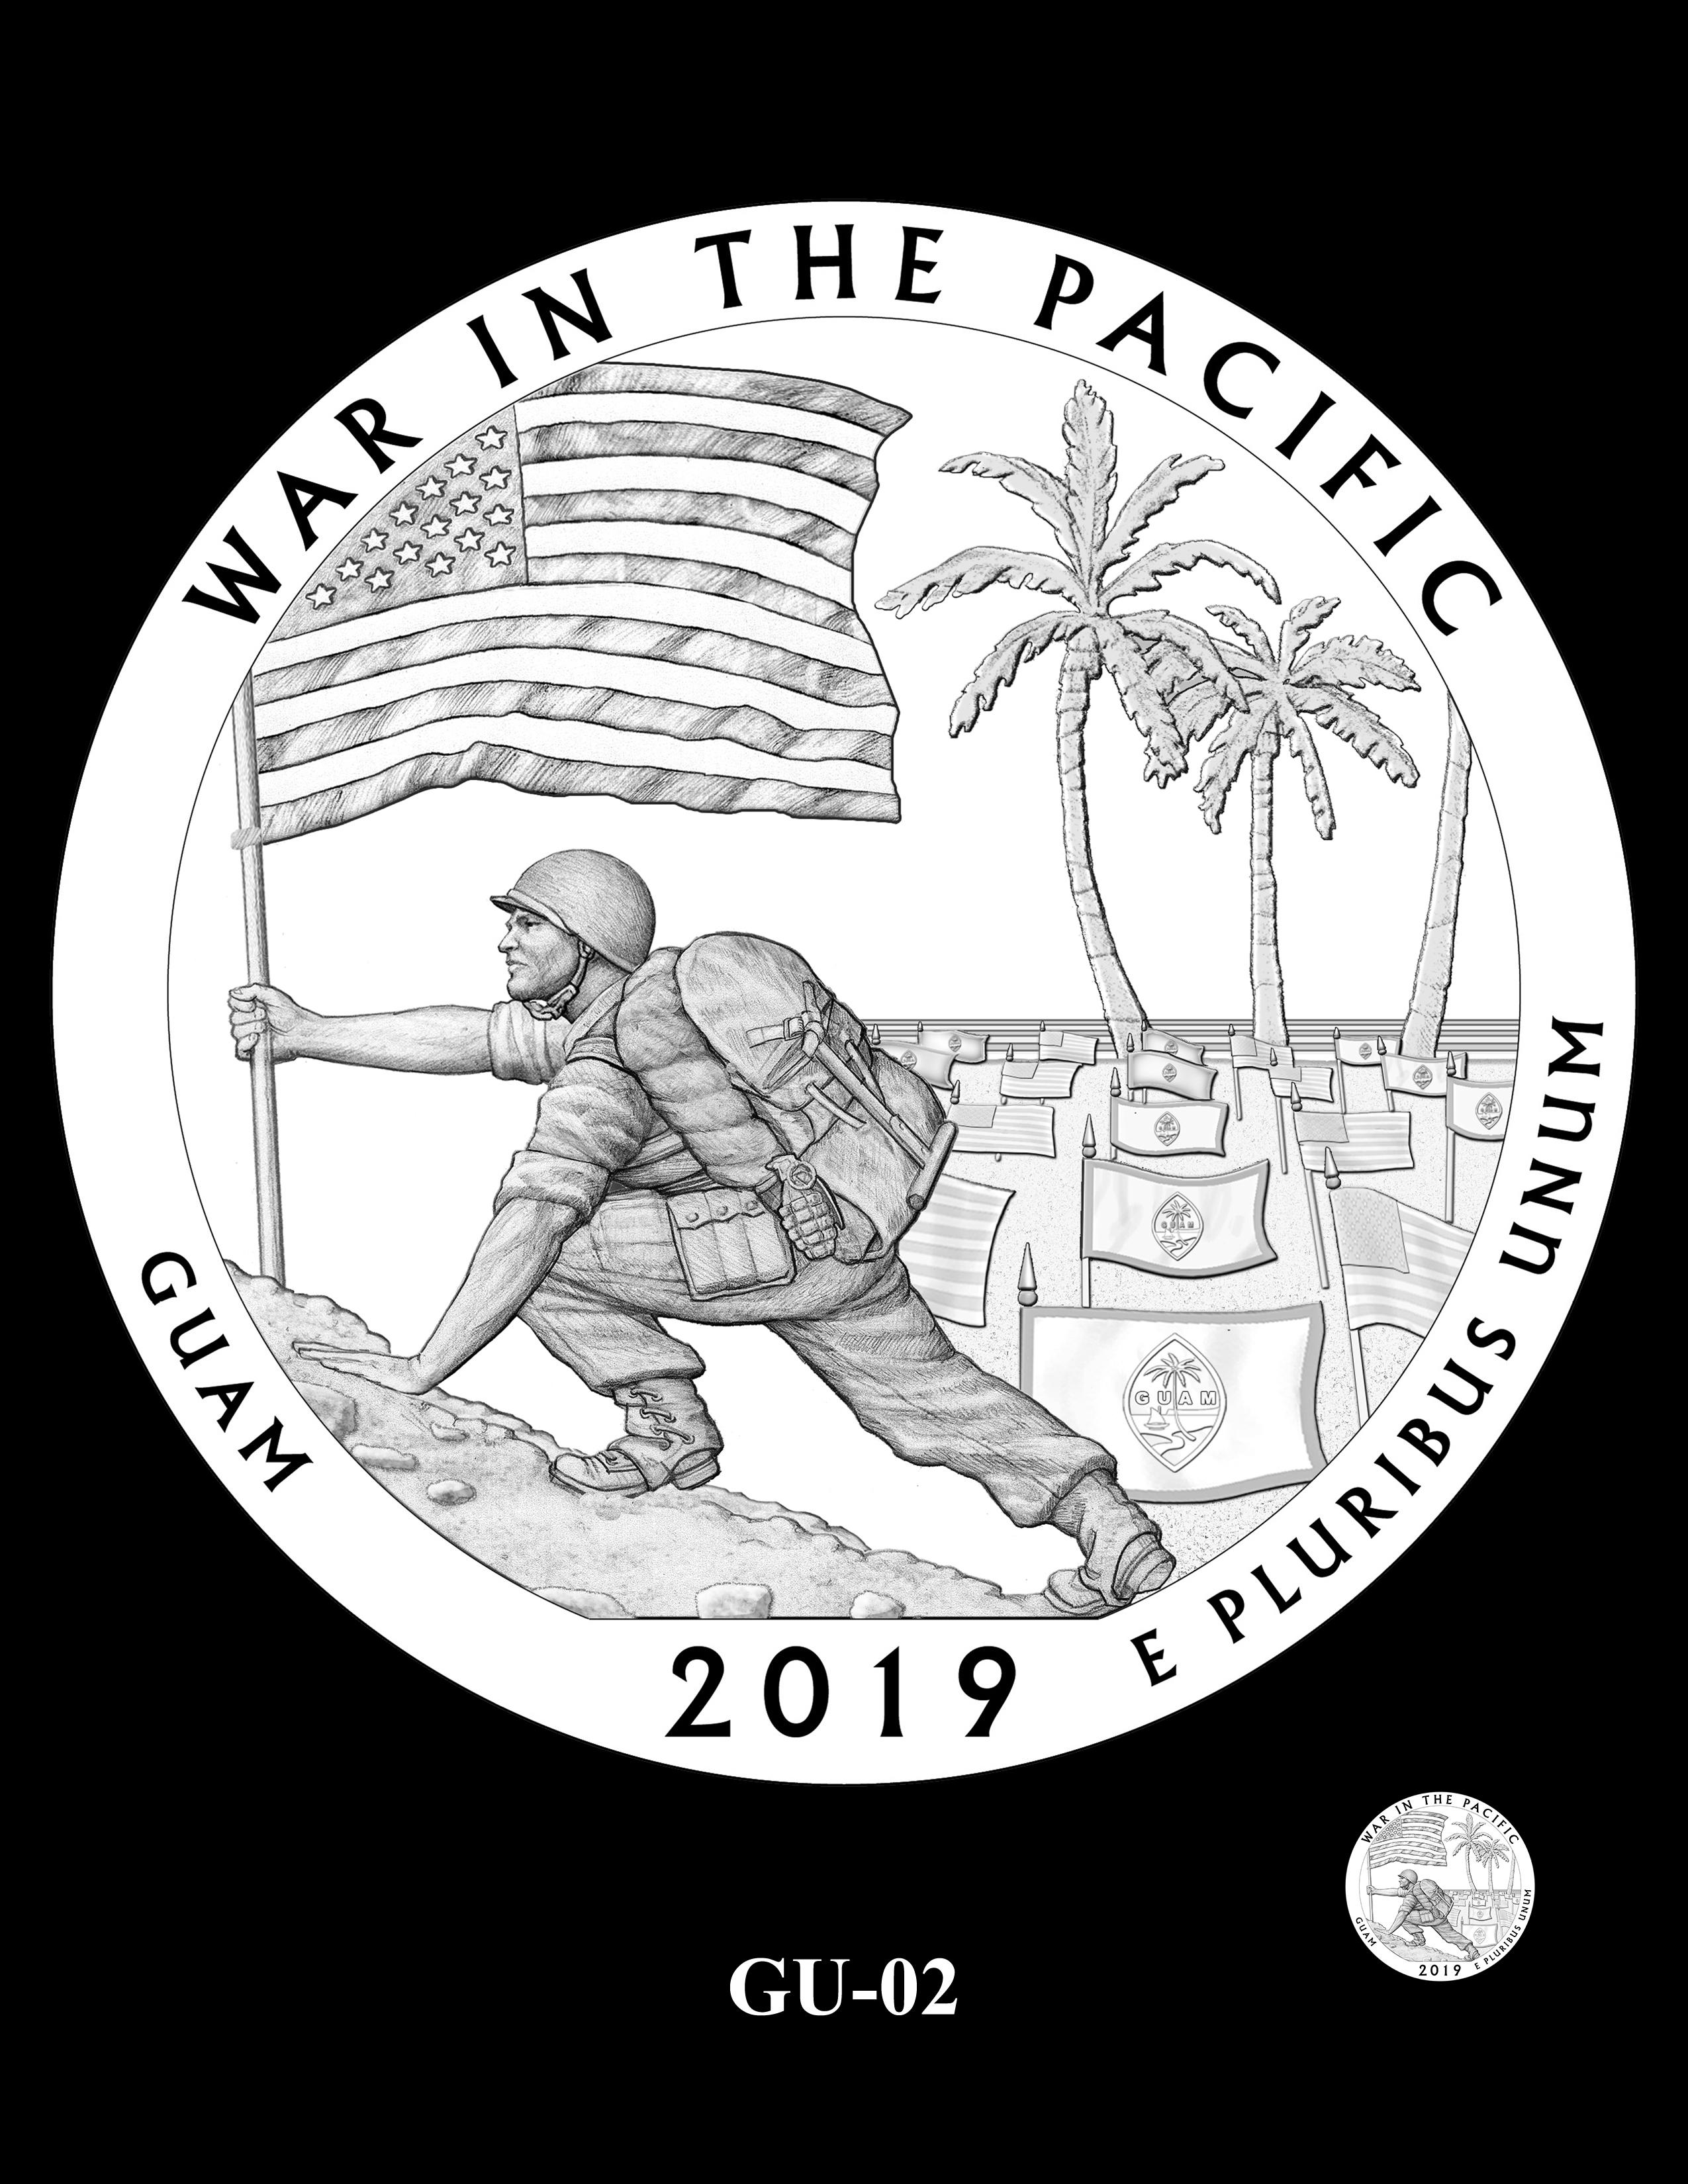 GU-02 -- 2019 America the Beautiful Quarters® Program